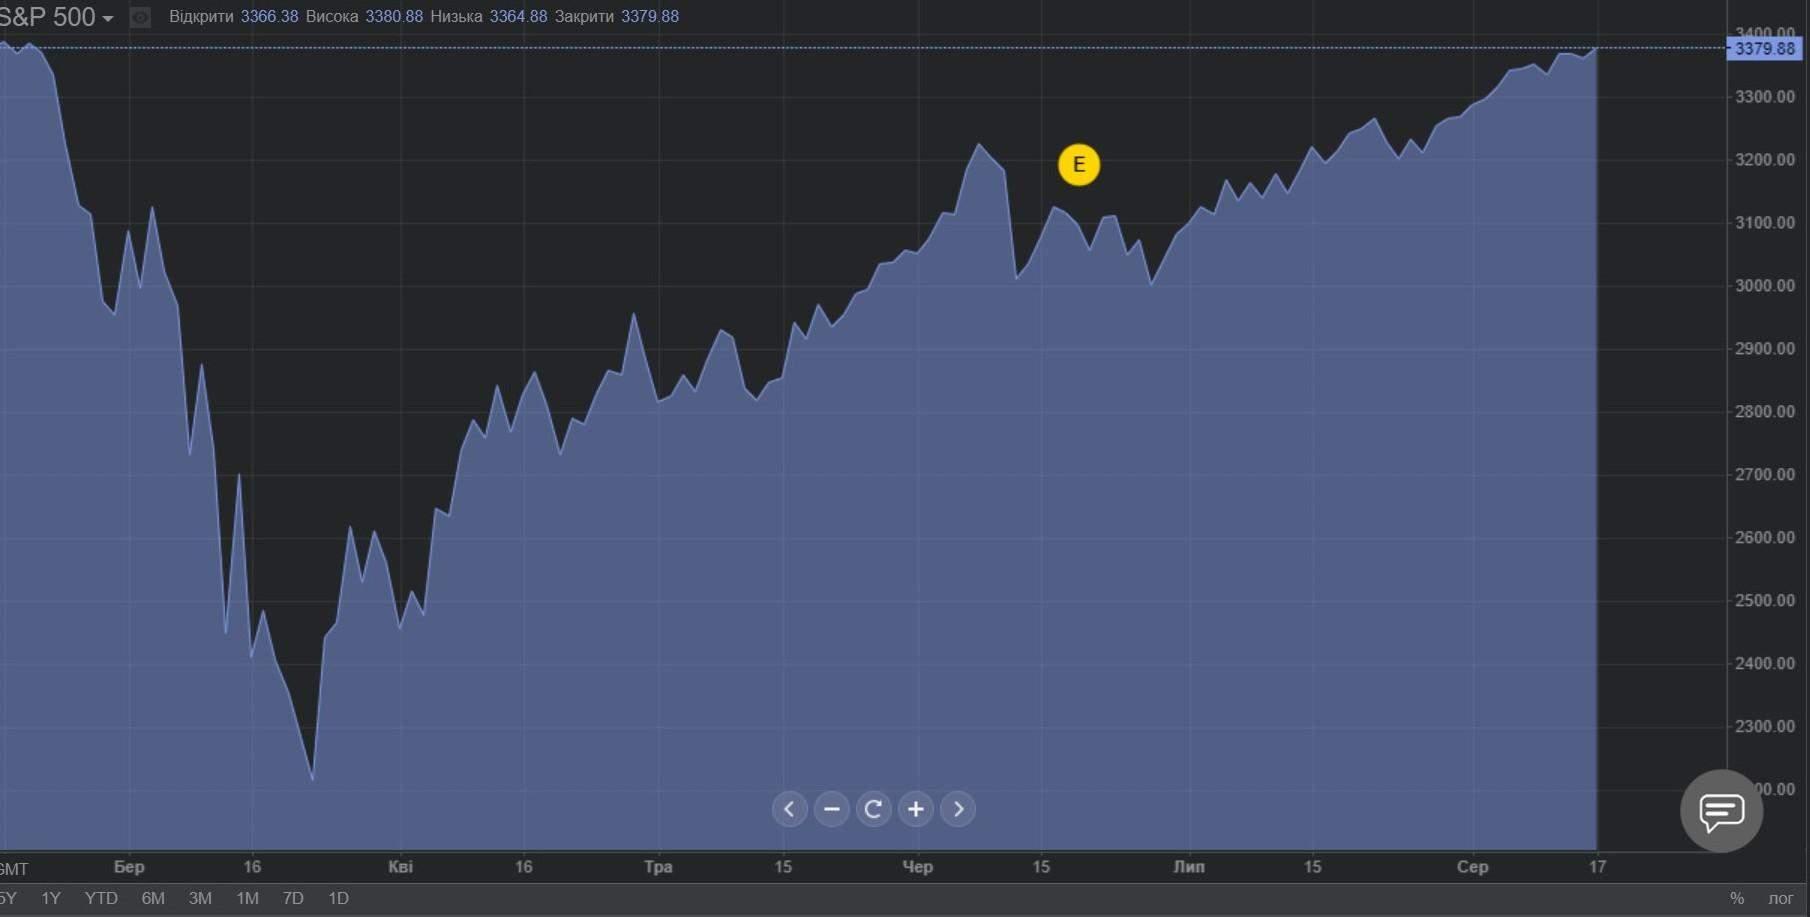 Как менялся индекс S&P 500